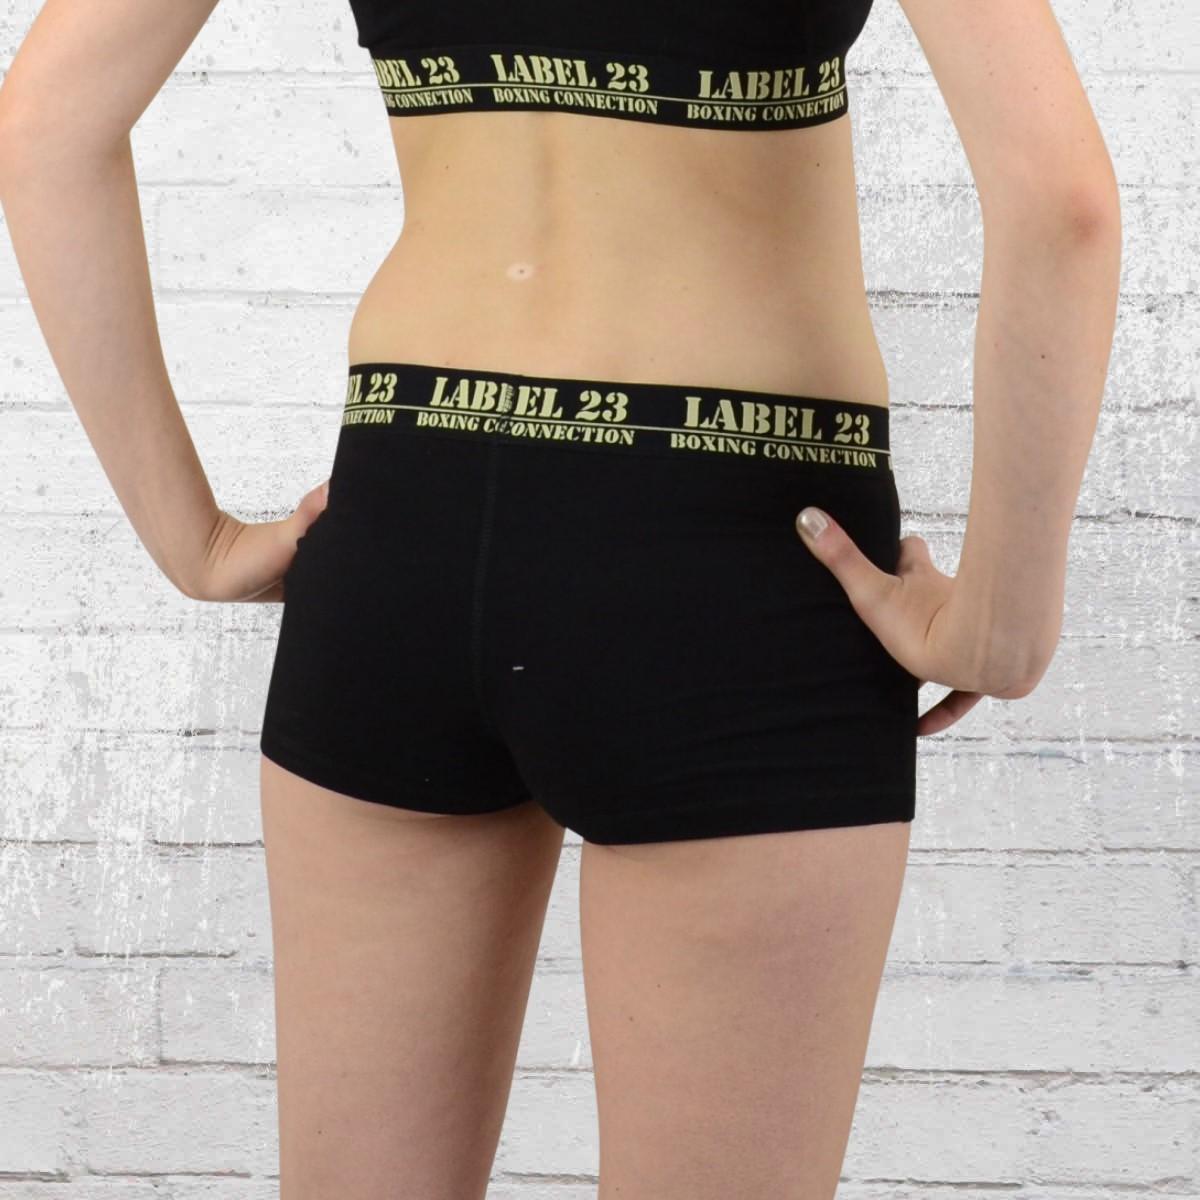 order now label 23 womens sport gym panty black beige. Black Bedroom Furniture Sets. Home Design Ideas